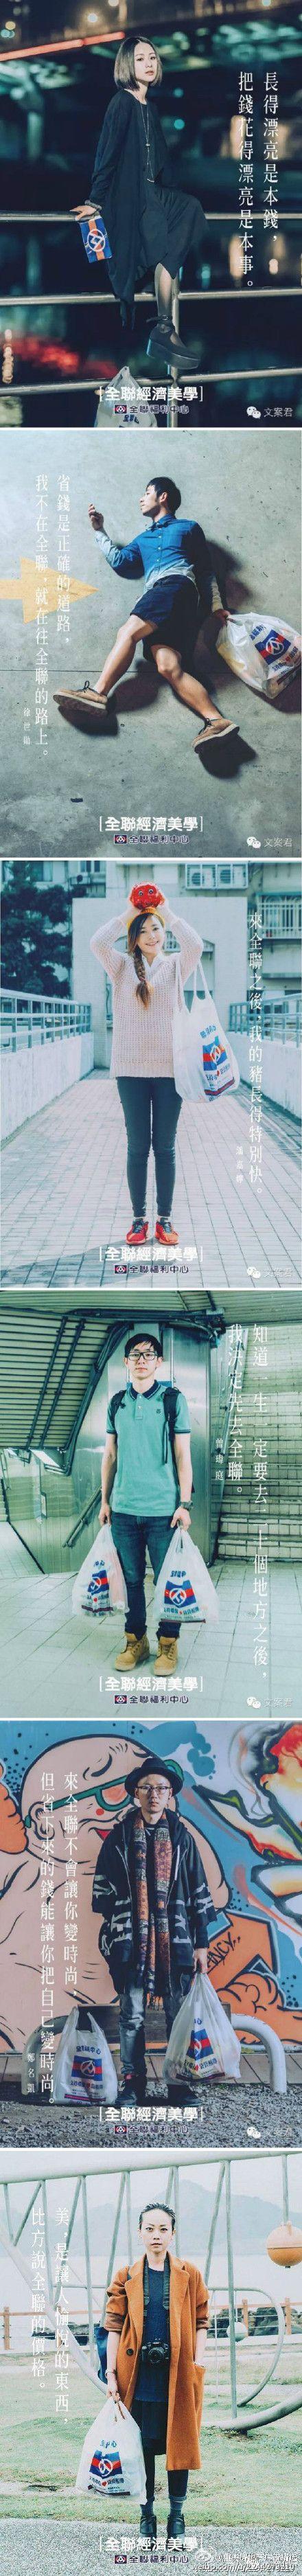 #文案赏析# 台湾全联走心广告,年轻人的...